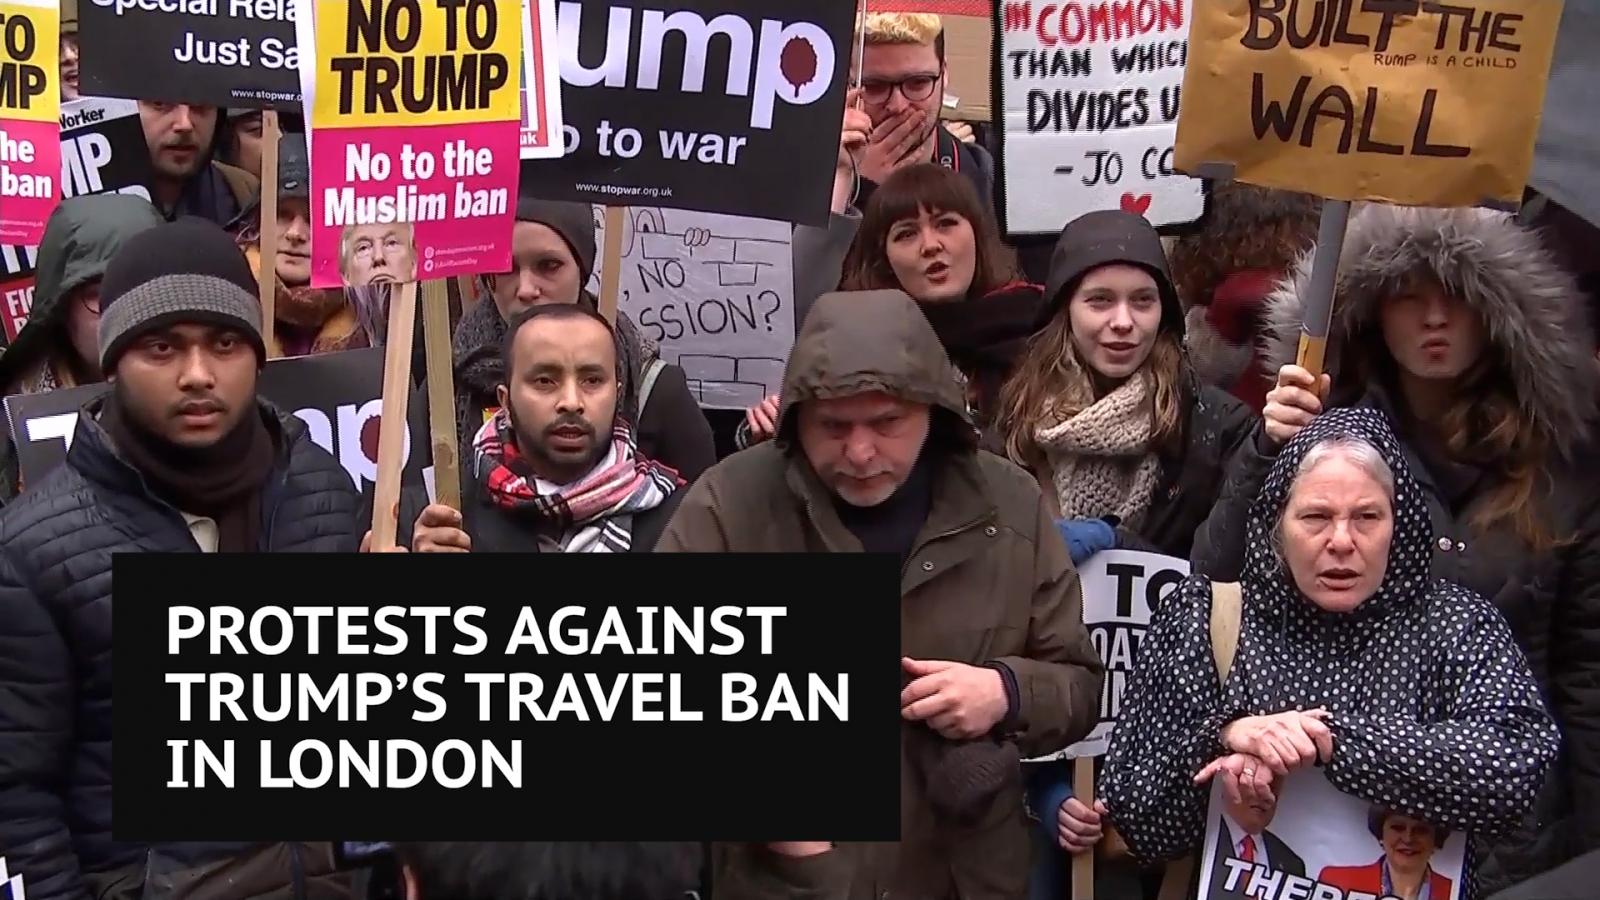 Anti-Trump protest in London